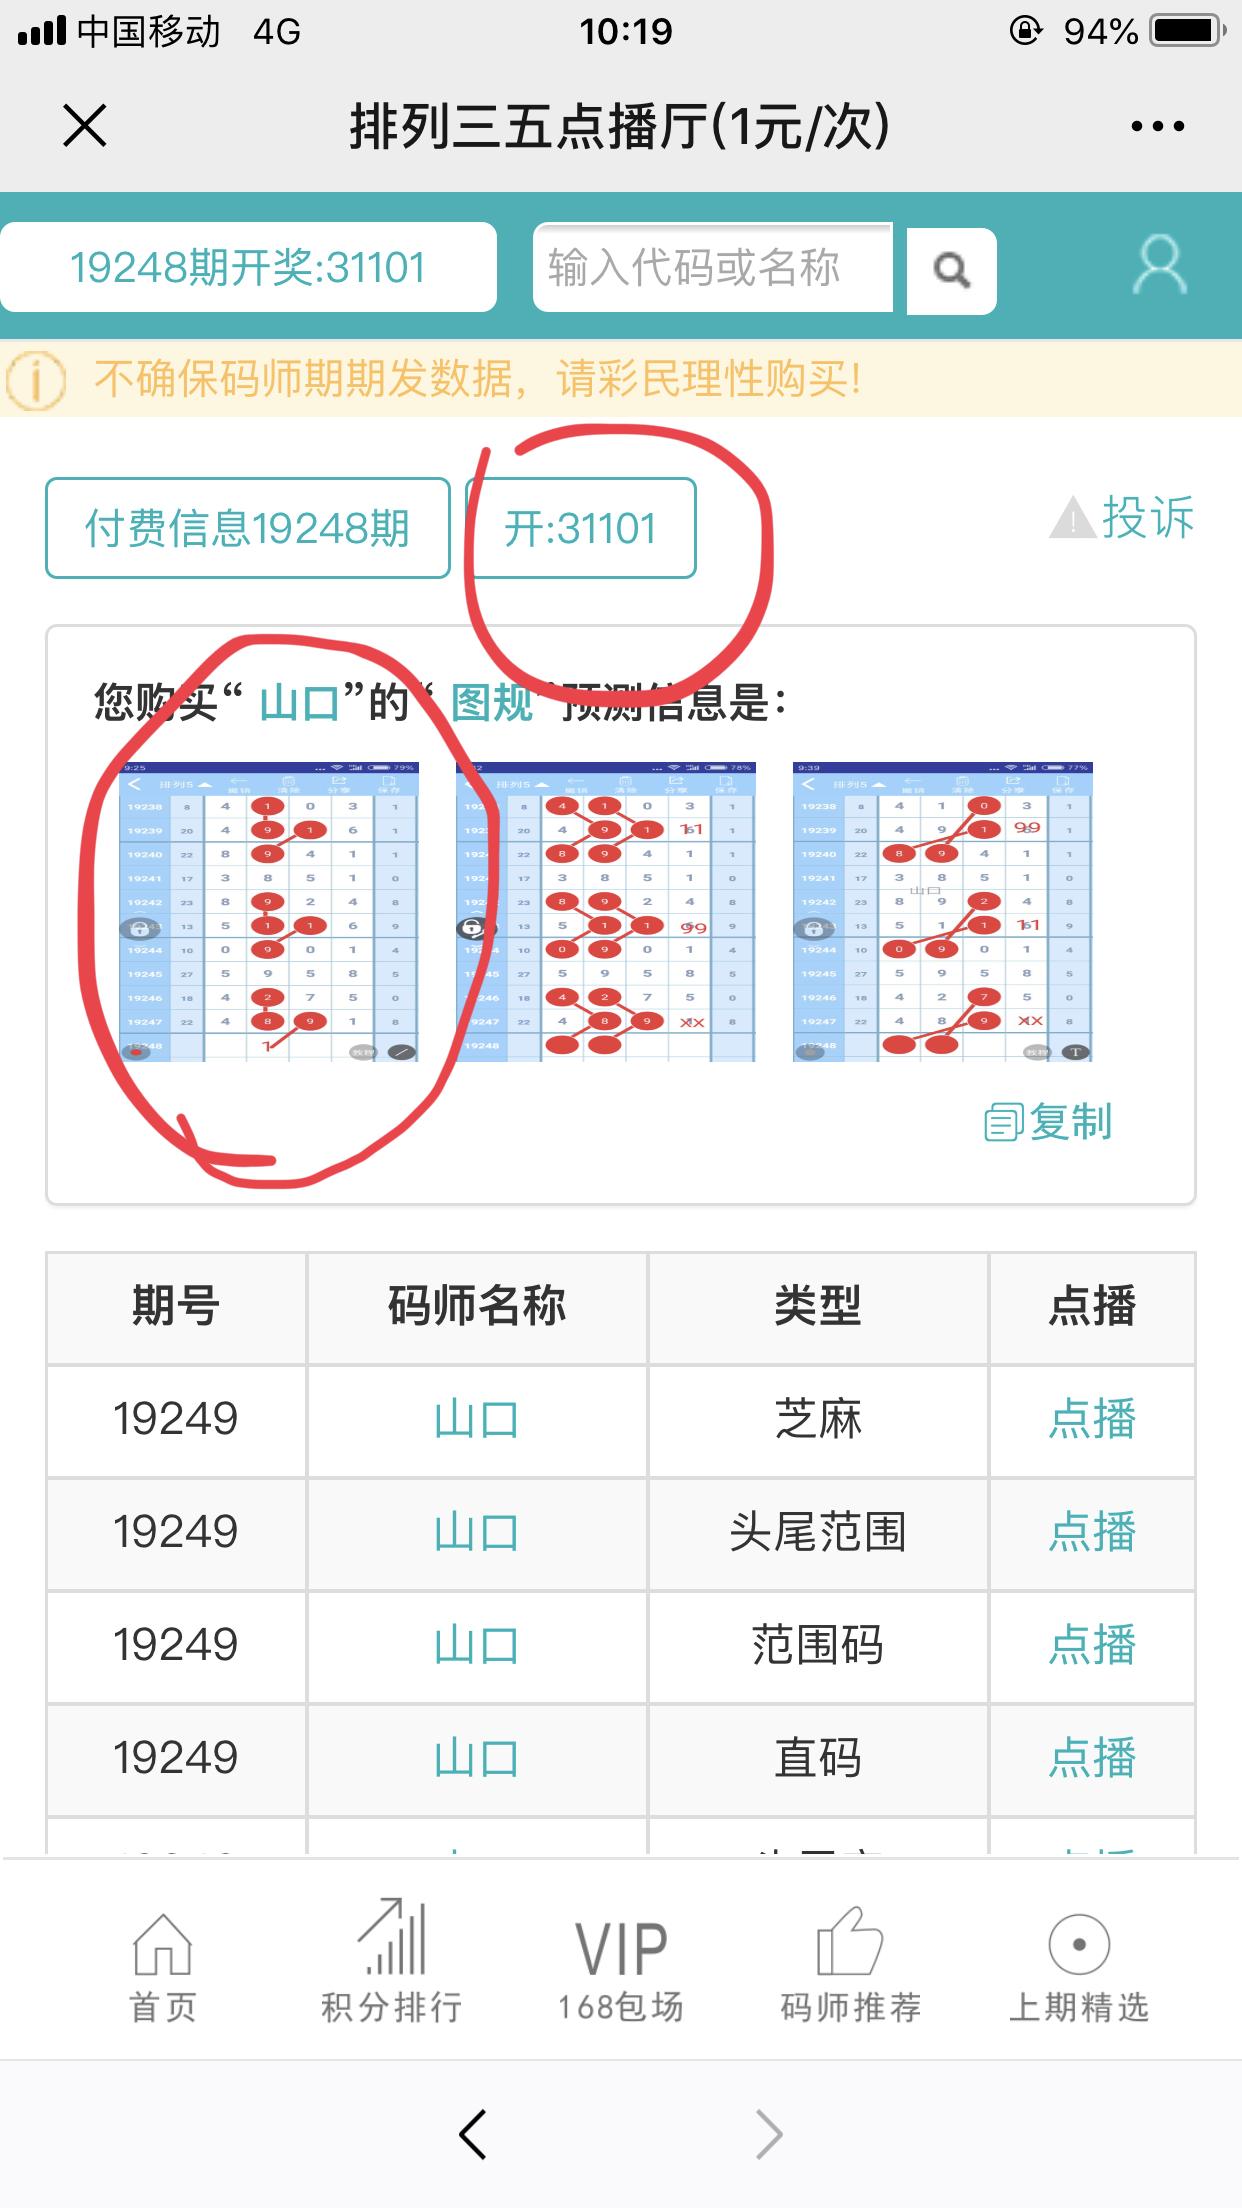 30DCC07C-44ED-44BD-A346-D1851343466D.jpeg